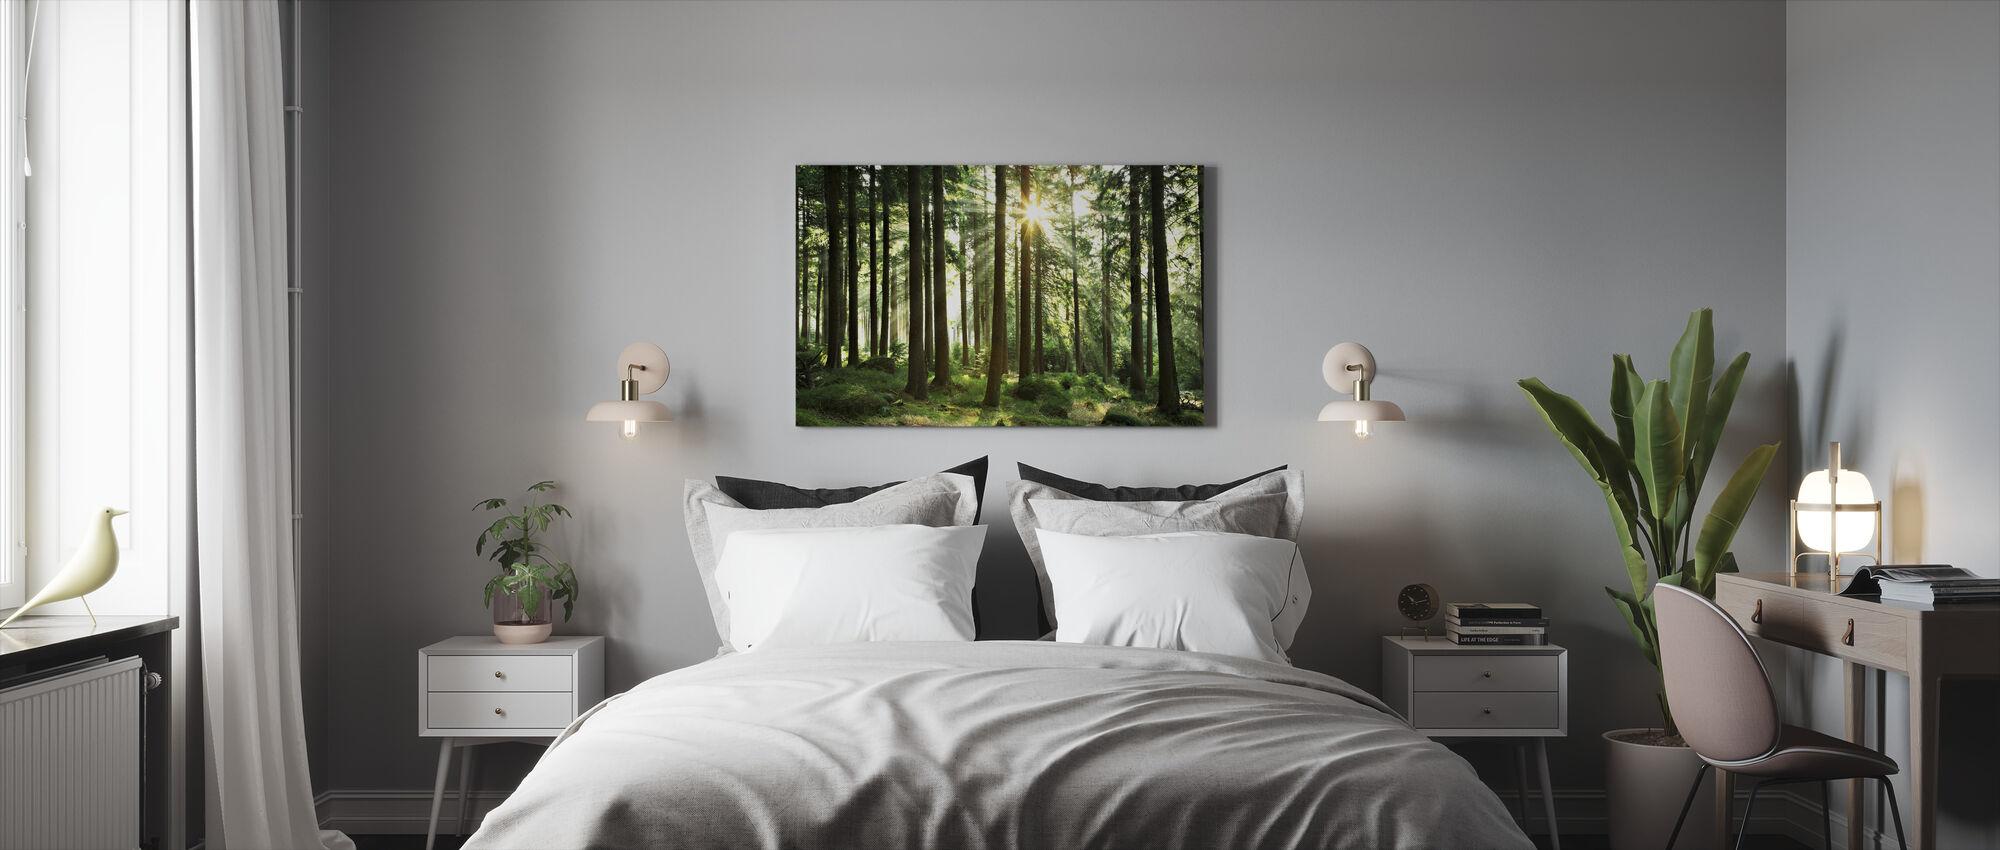 Solstråle gjennom Trær - Lerretsbilde - Soverom